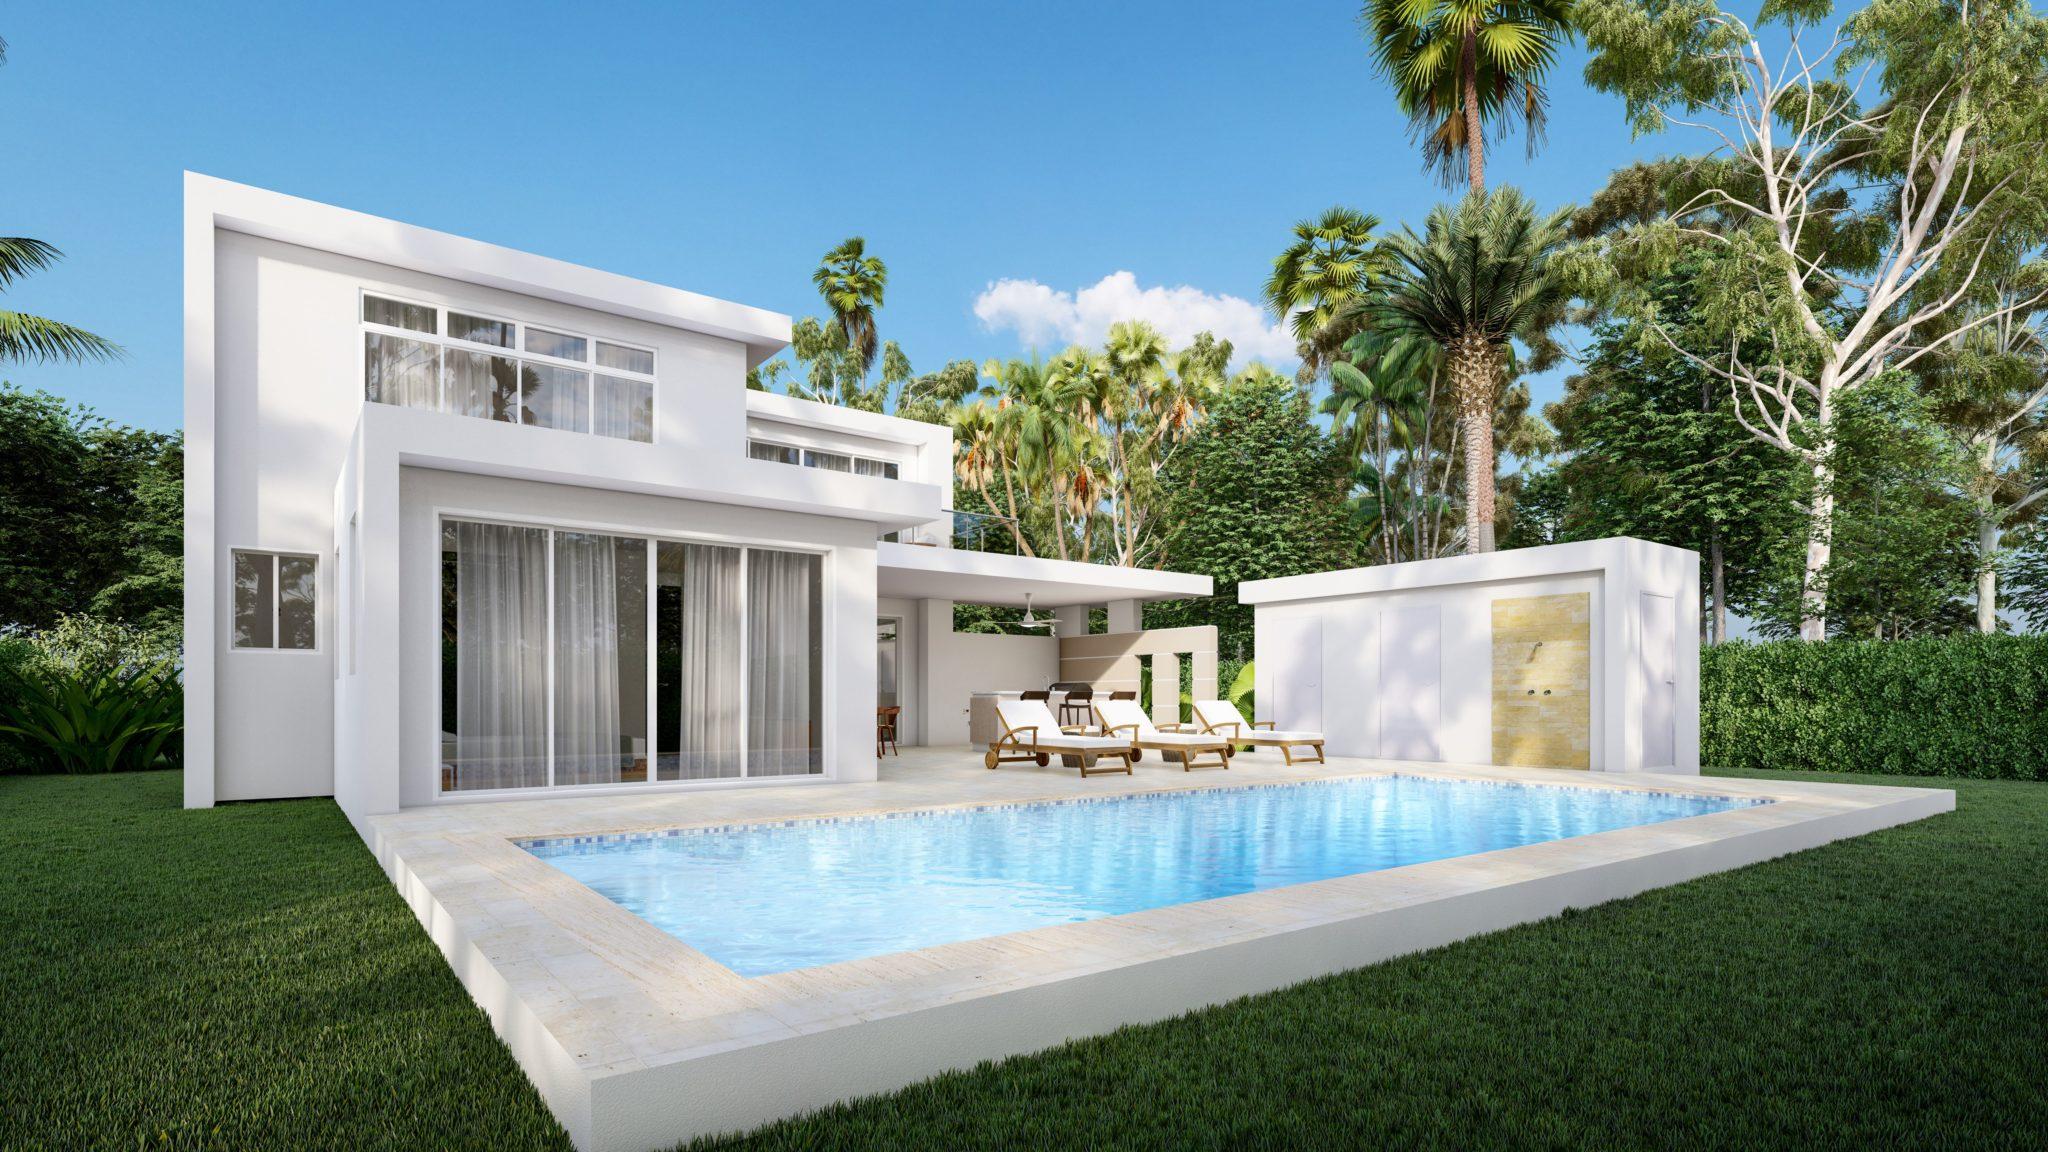 Bluepearl 2 Casa Linda Villas